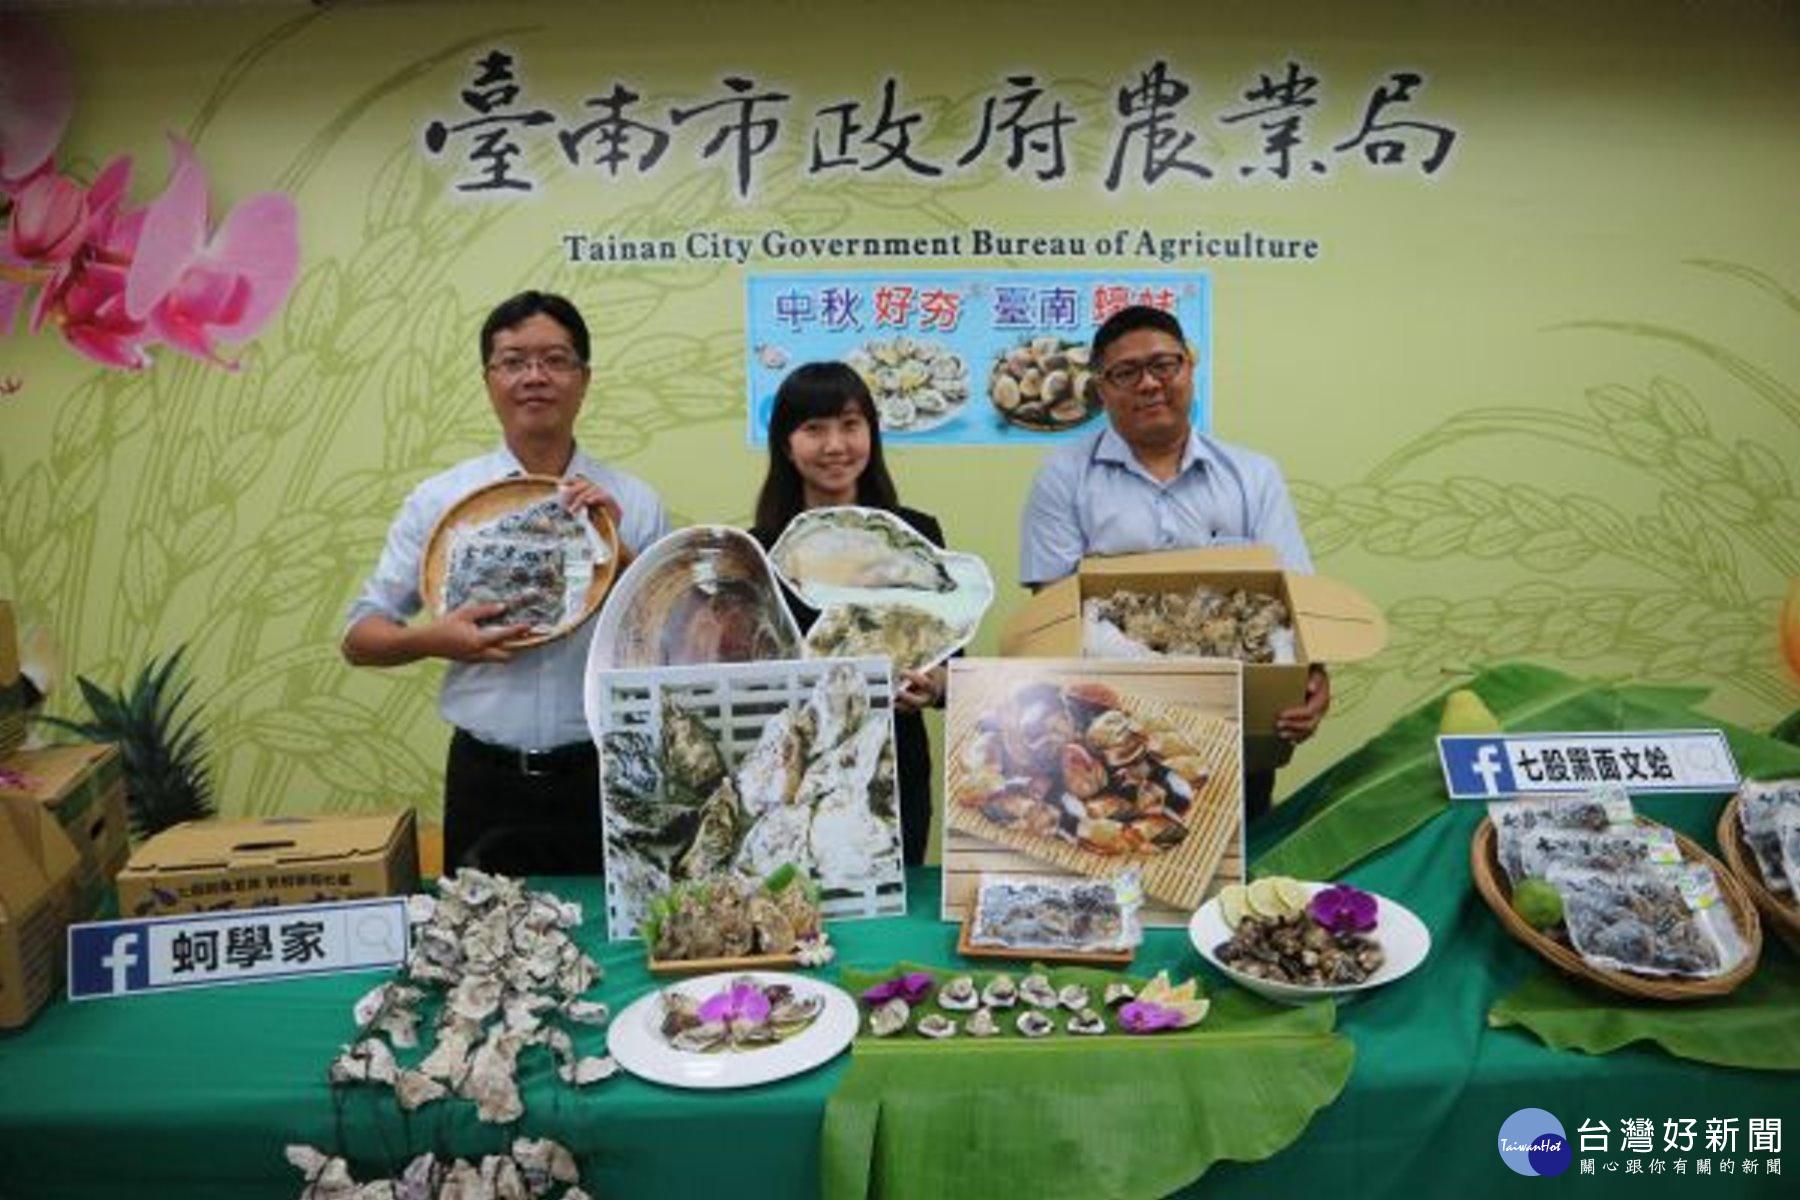 中秋佳節烤肉夯 南市推銷在地鮮蚵與文蛤